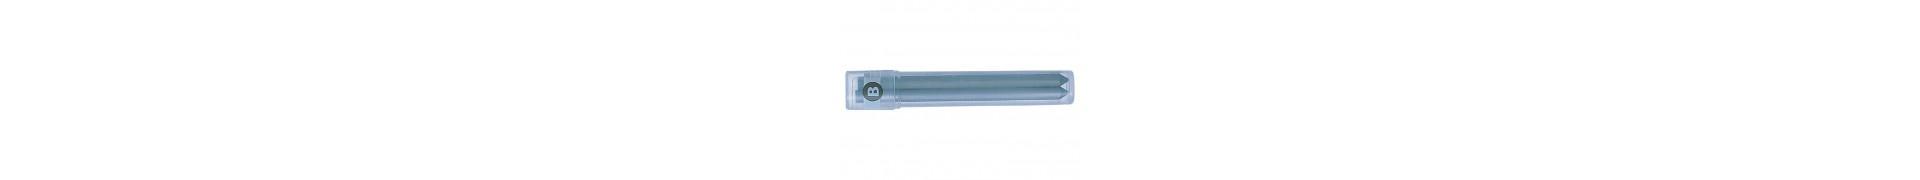 Mines pour porte mine croquis - PILOT - 3.8 mm - Boite de 1 mine - B